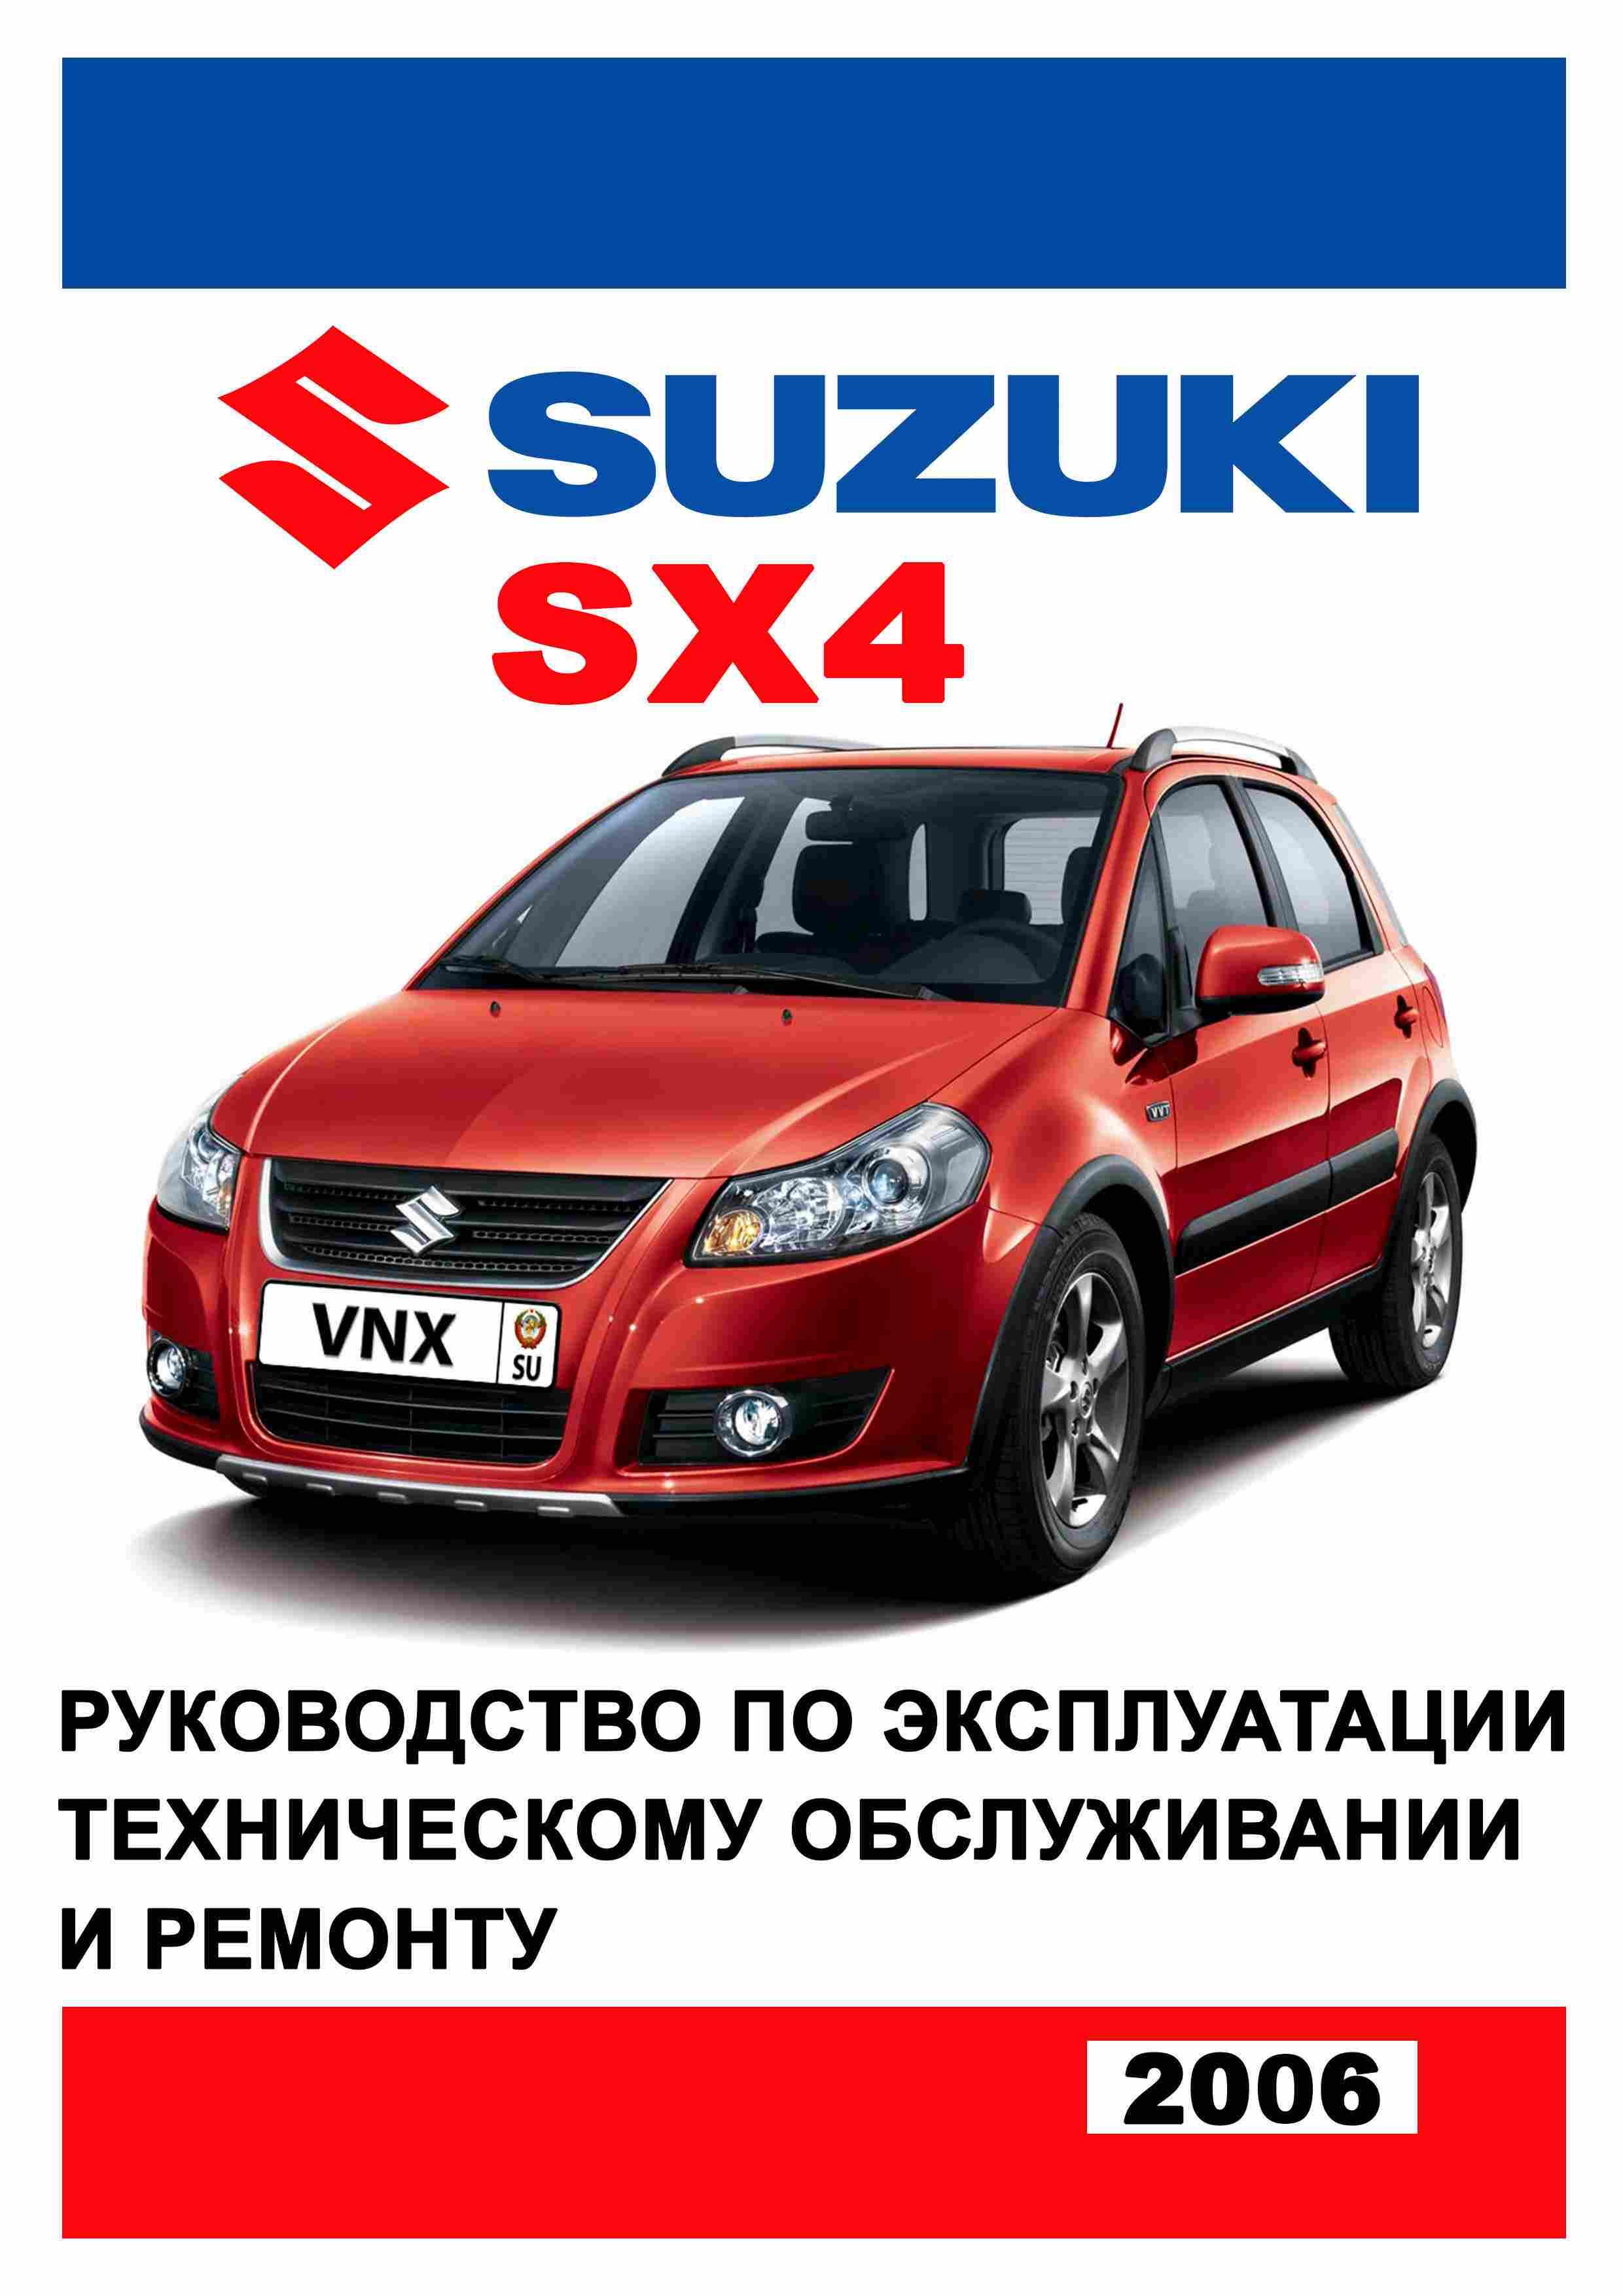 Suzuki SX4, Fiat Sedici Руководство по эксплуатации, ремонту и техническому обслуживанию обложка